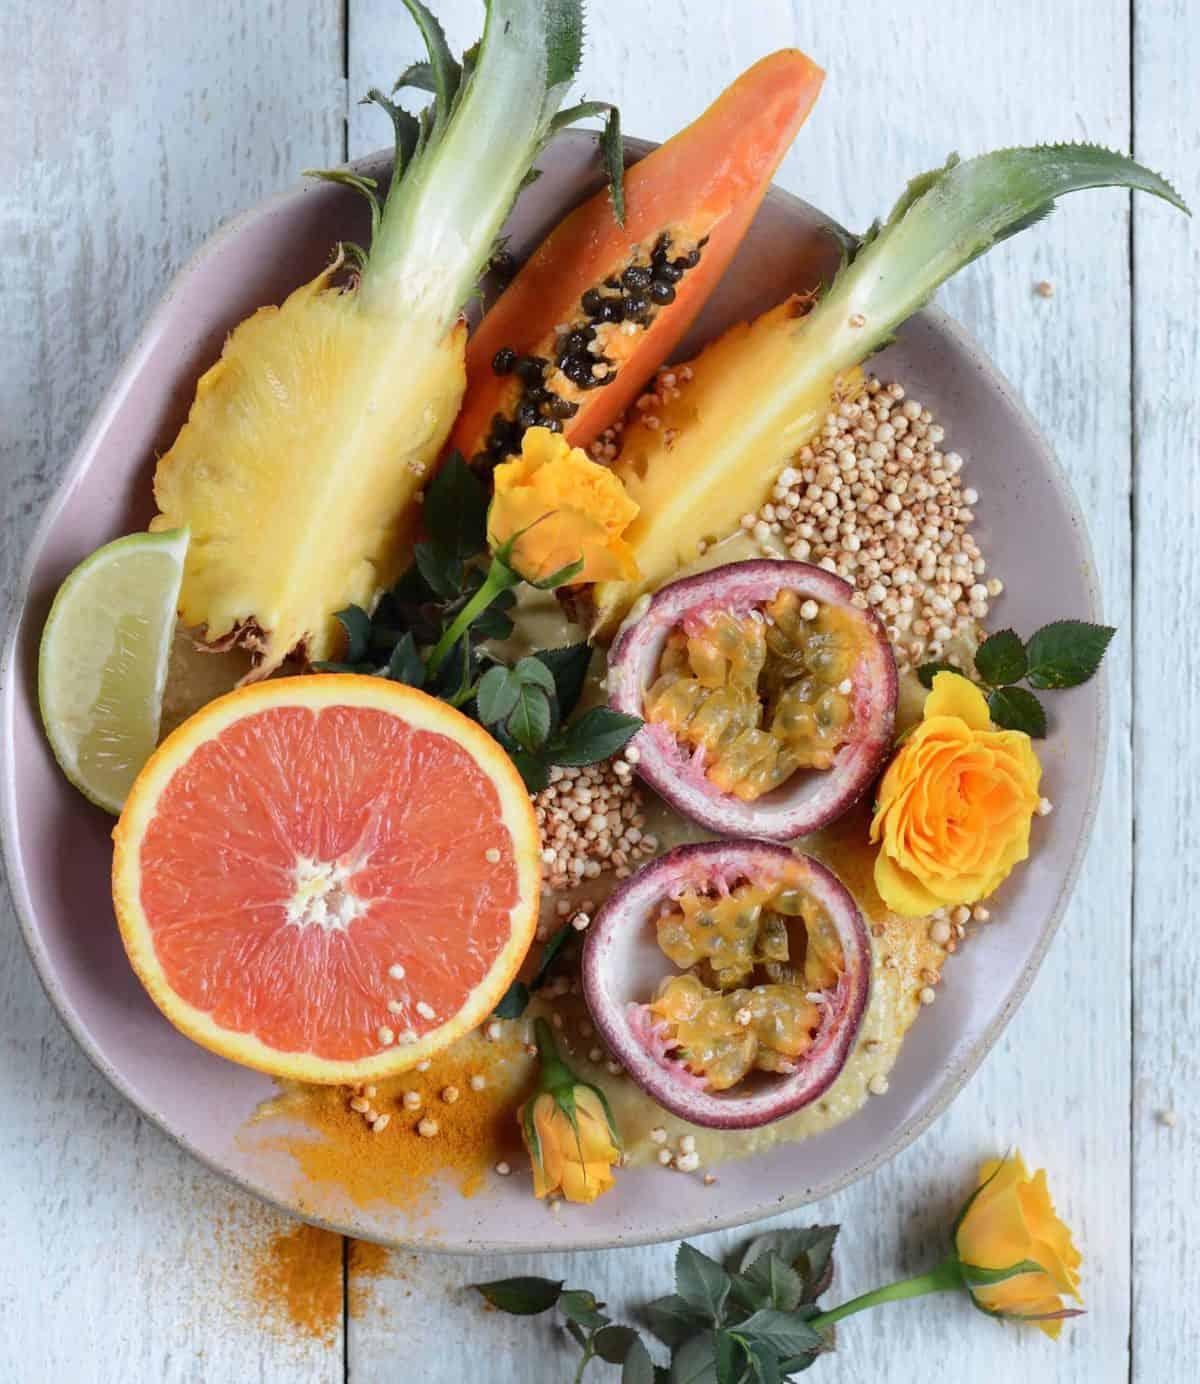 Pineapple papaya & turmeric smoothie bowl